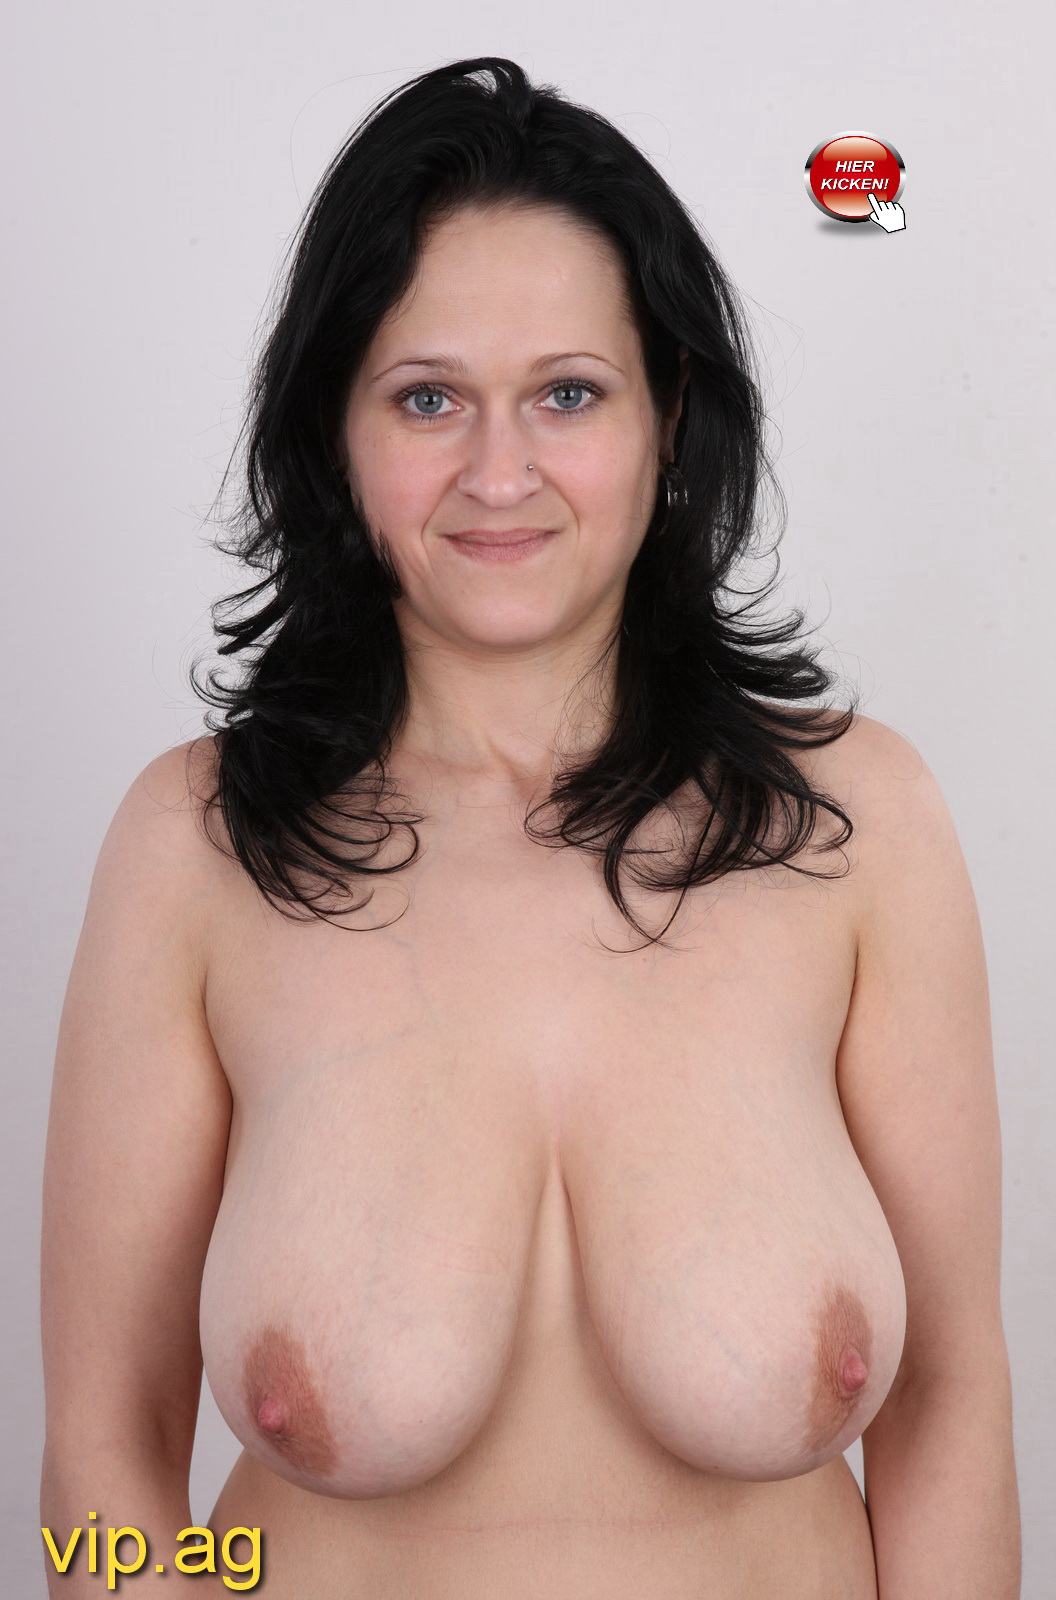 riesen Möpse Irina